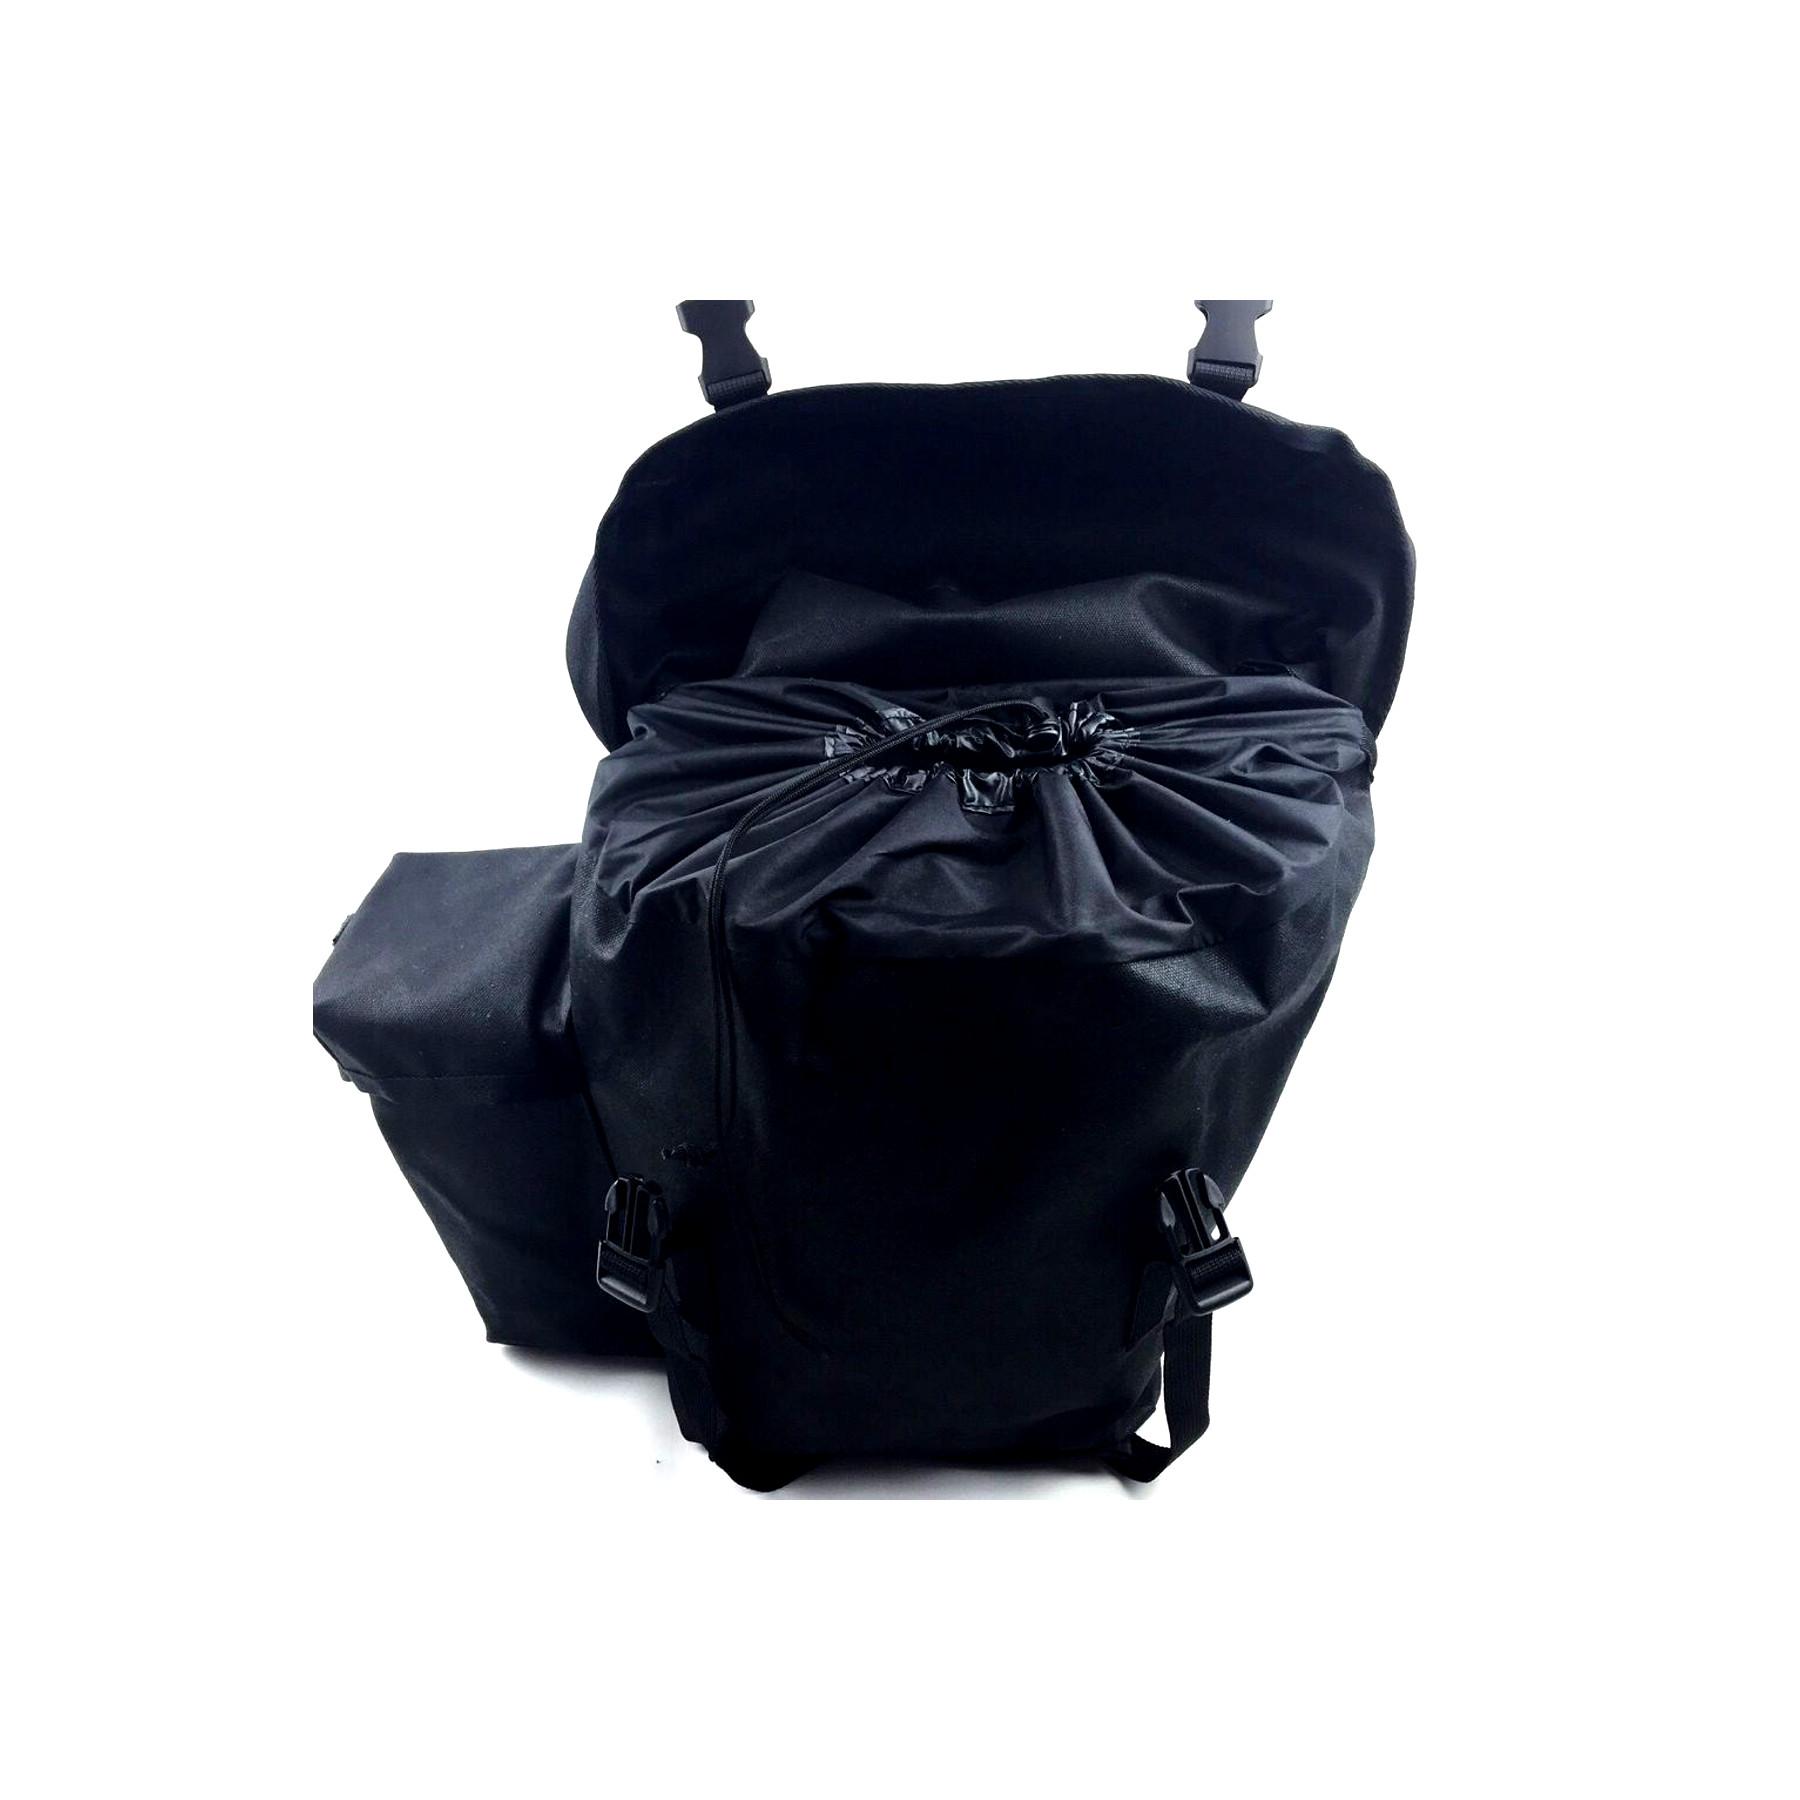 Carradice Super C Hinterradtaschen